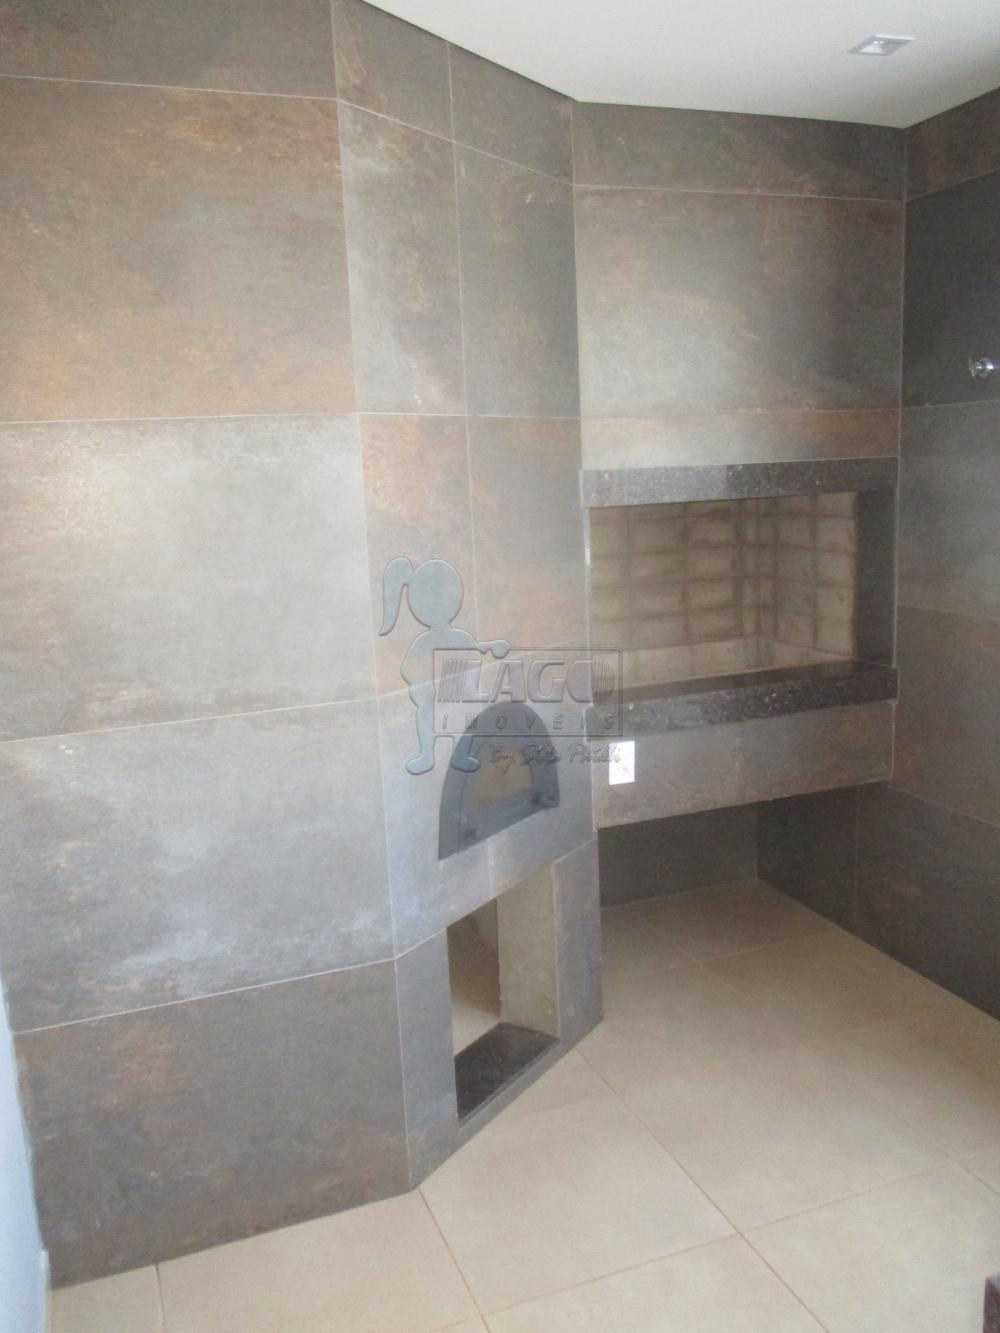 Comprar Apartamento / Padrão em Ribeirão Preto apenas R$ 820.000,00 - Foto 23